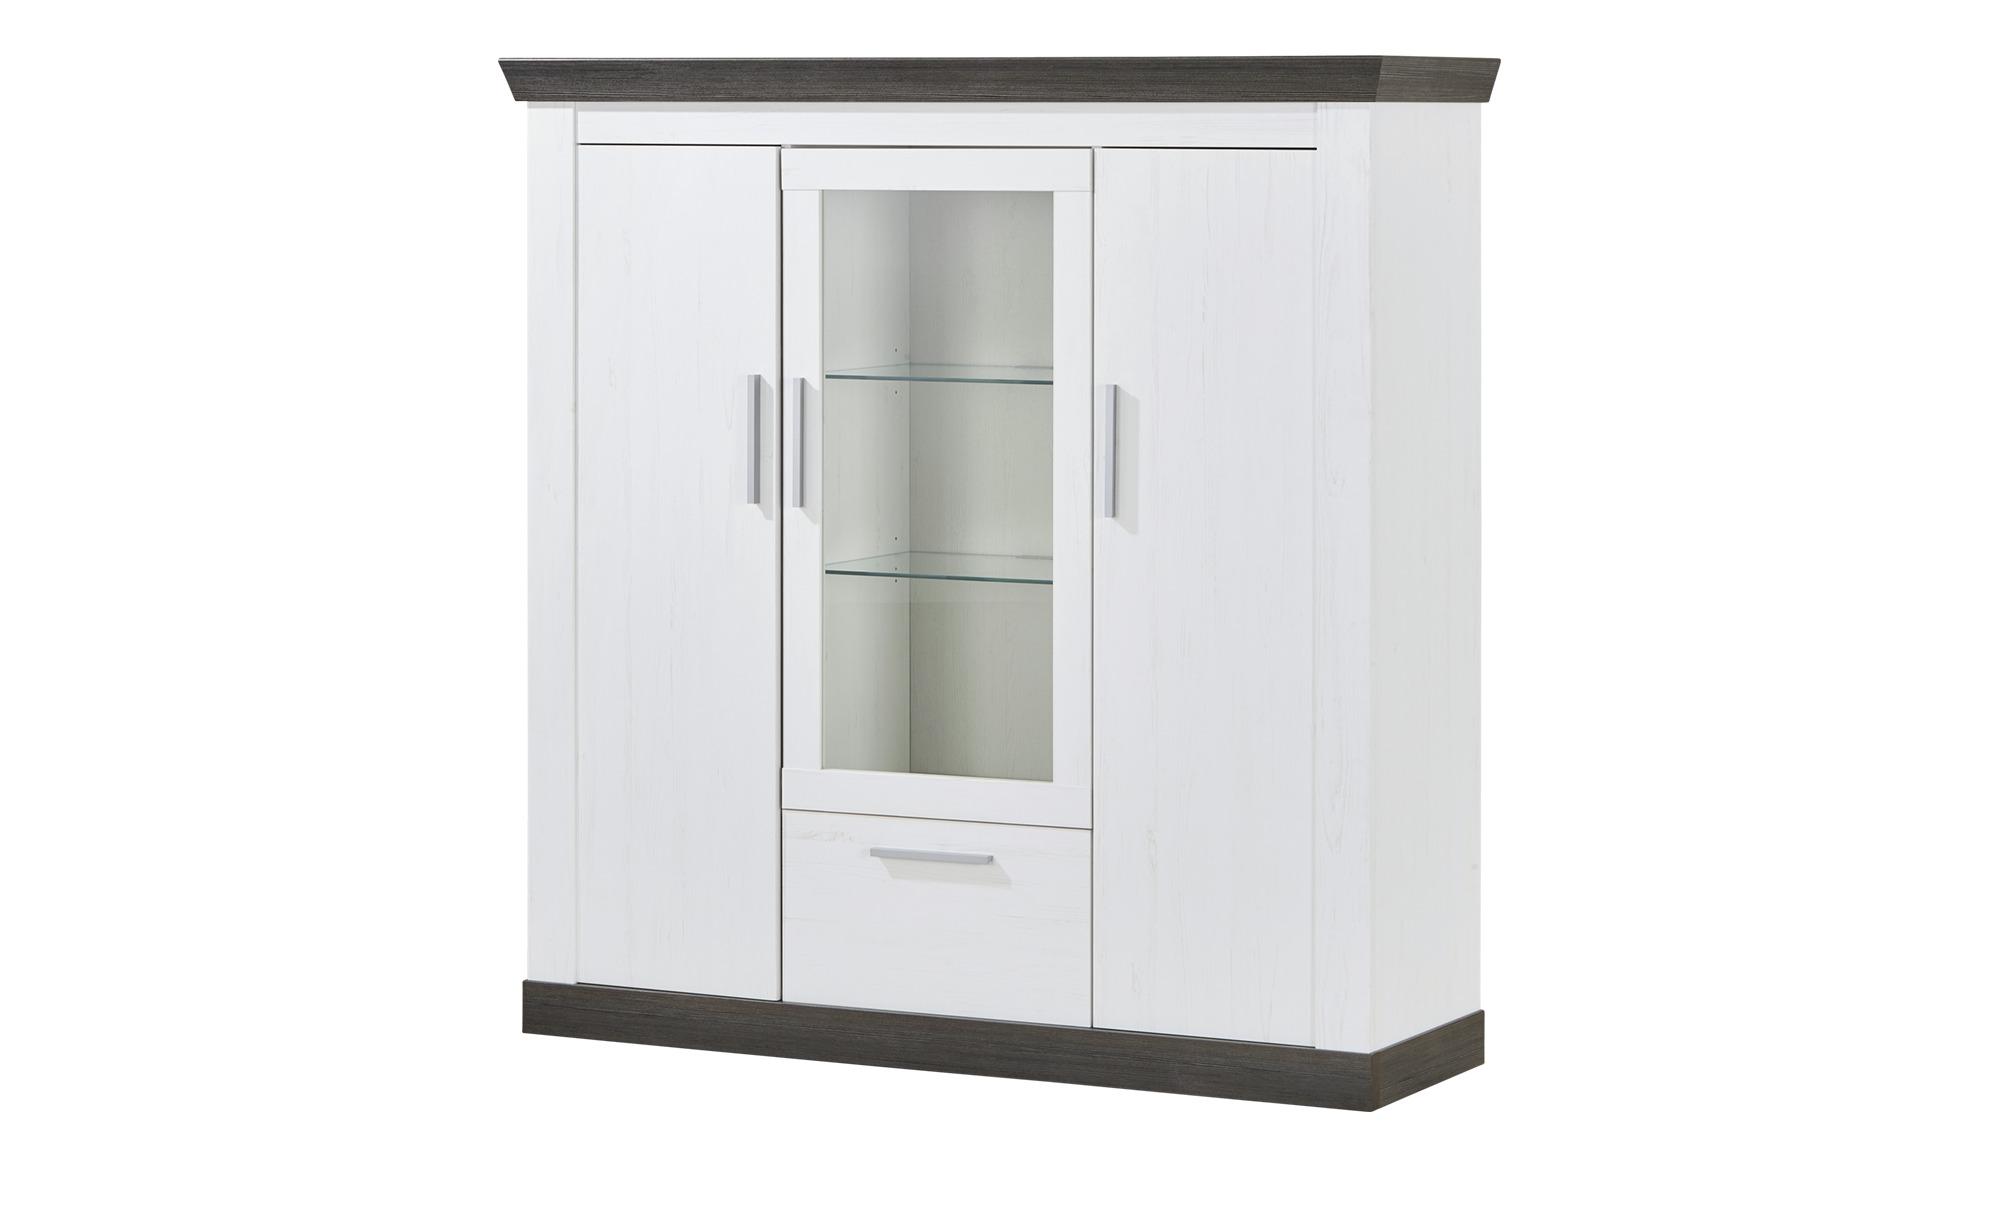 highboard sierra breite 141 cm h he 146 cm wei online kaufen bei woonio. Black Bedroom Furniture Sets. Home Design Ideas